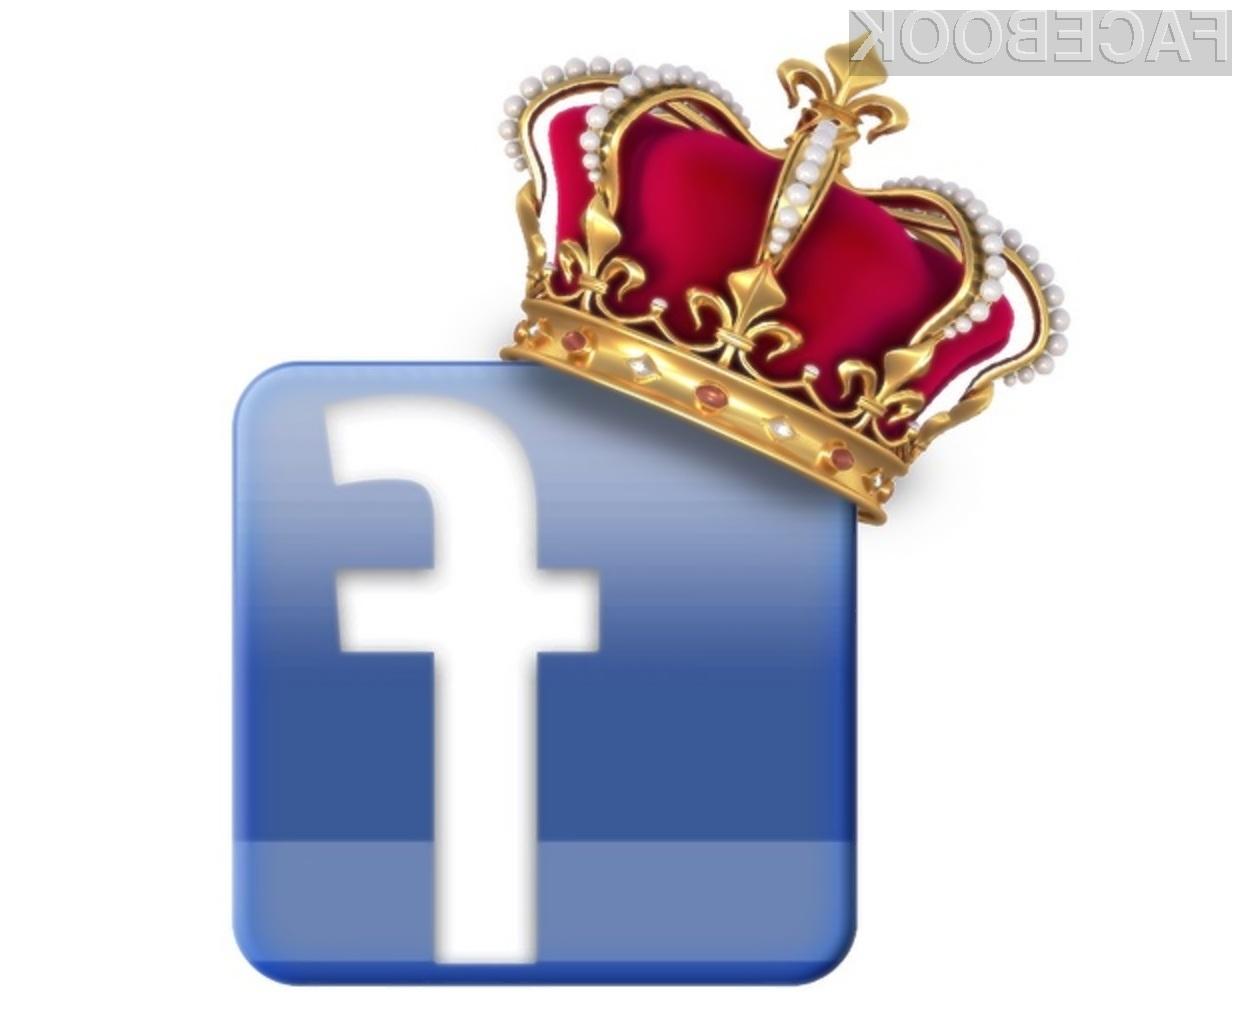 Vas je Facebookov prvi videospot prepričal?